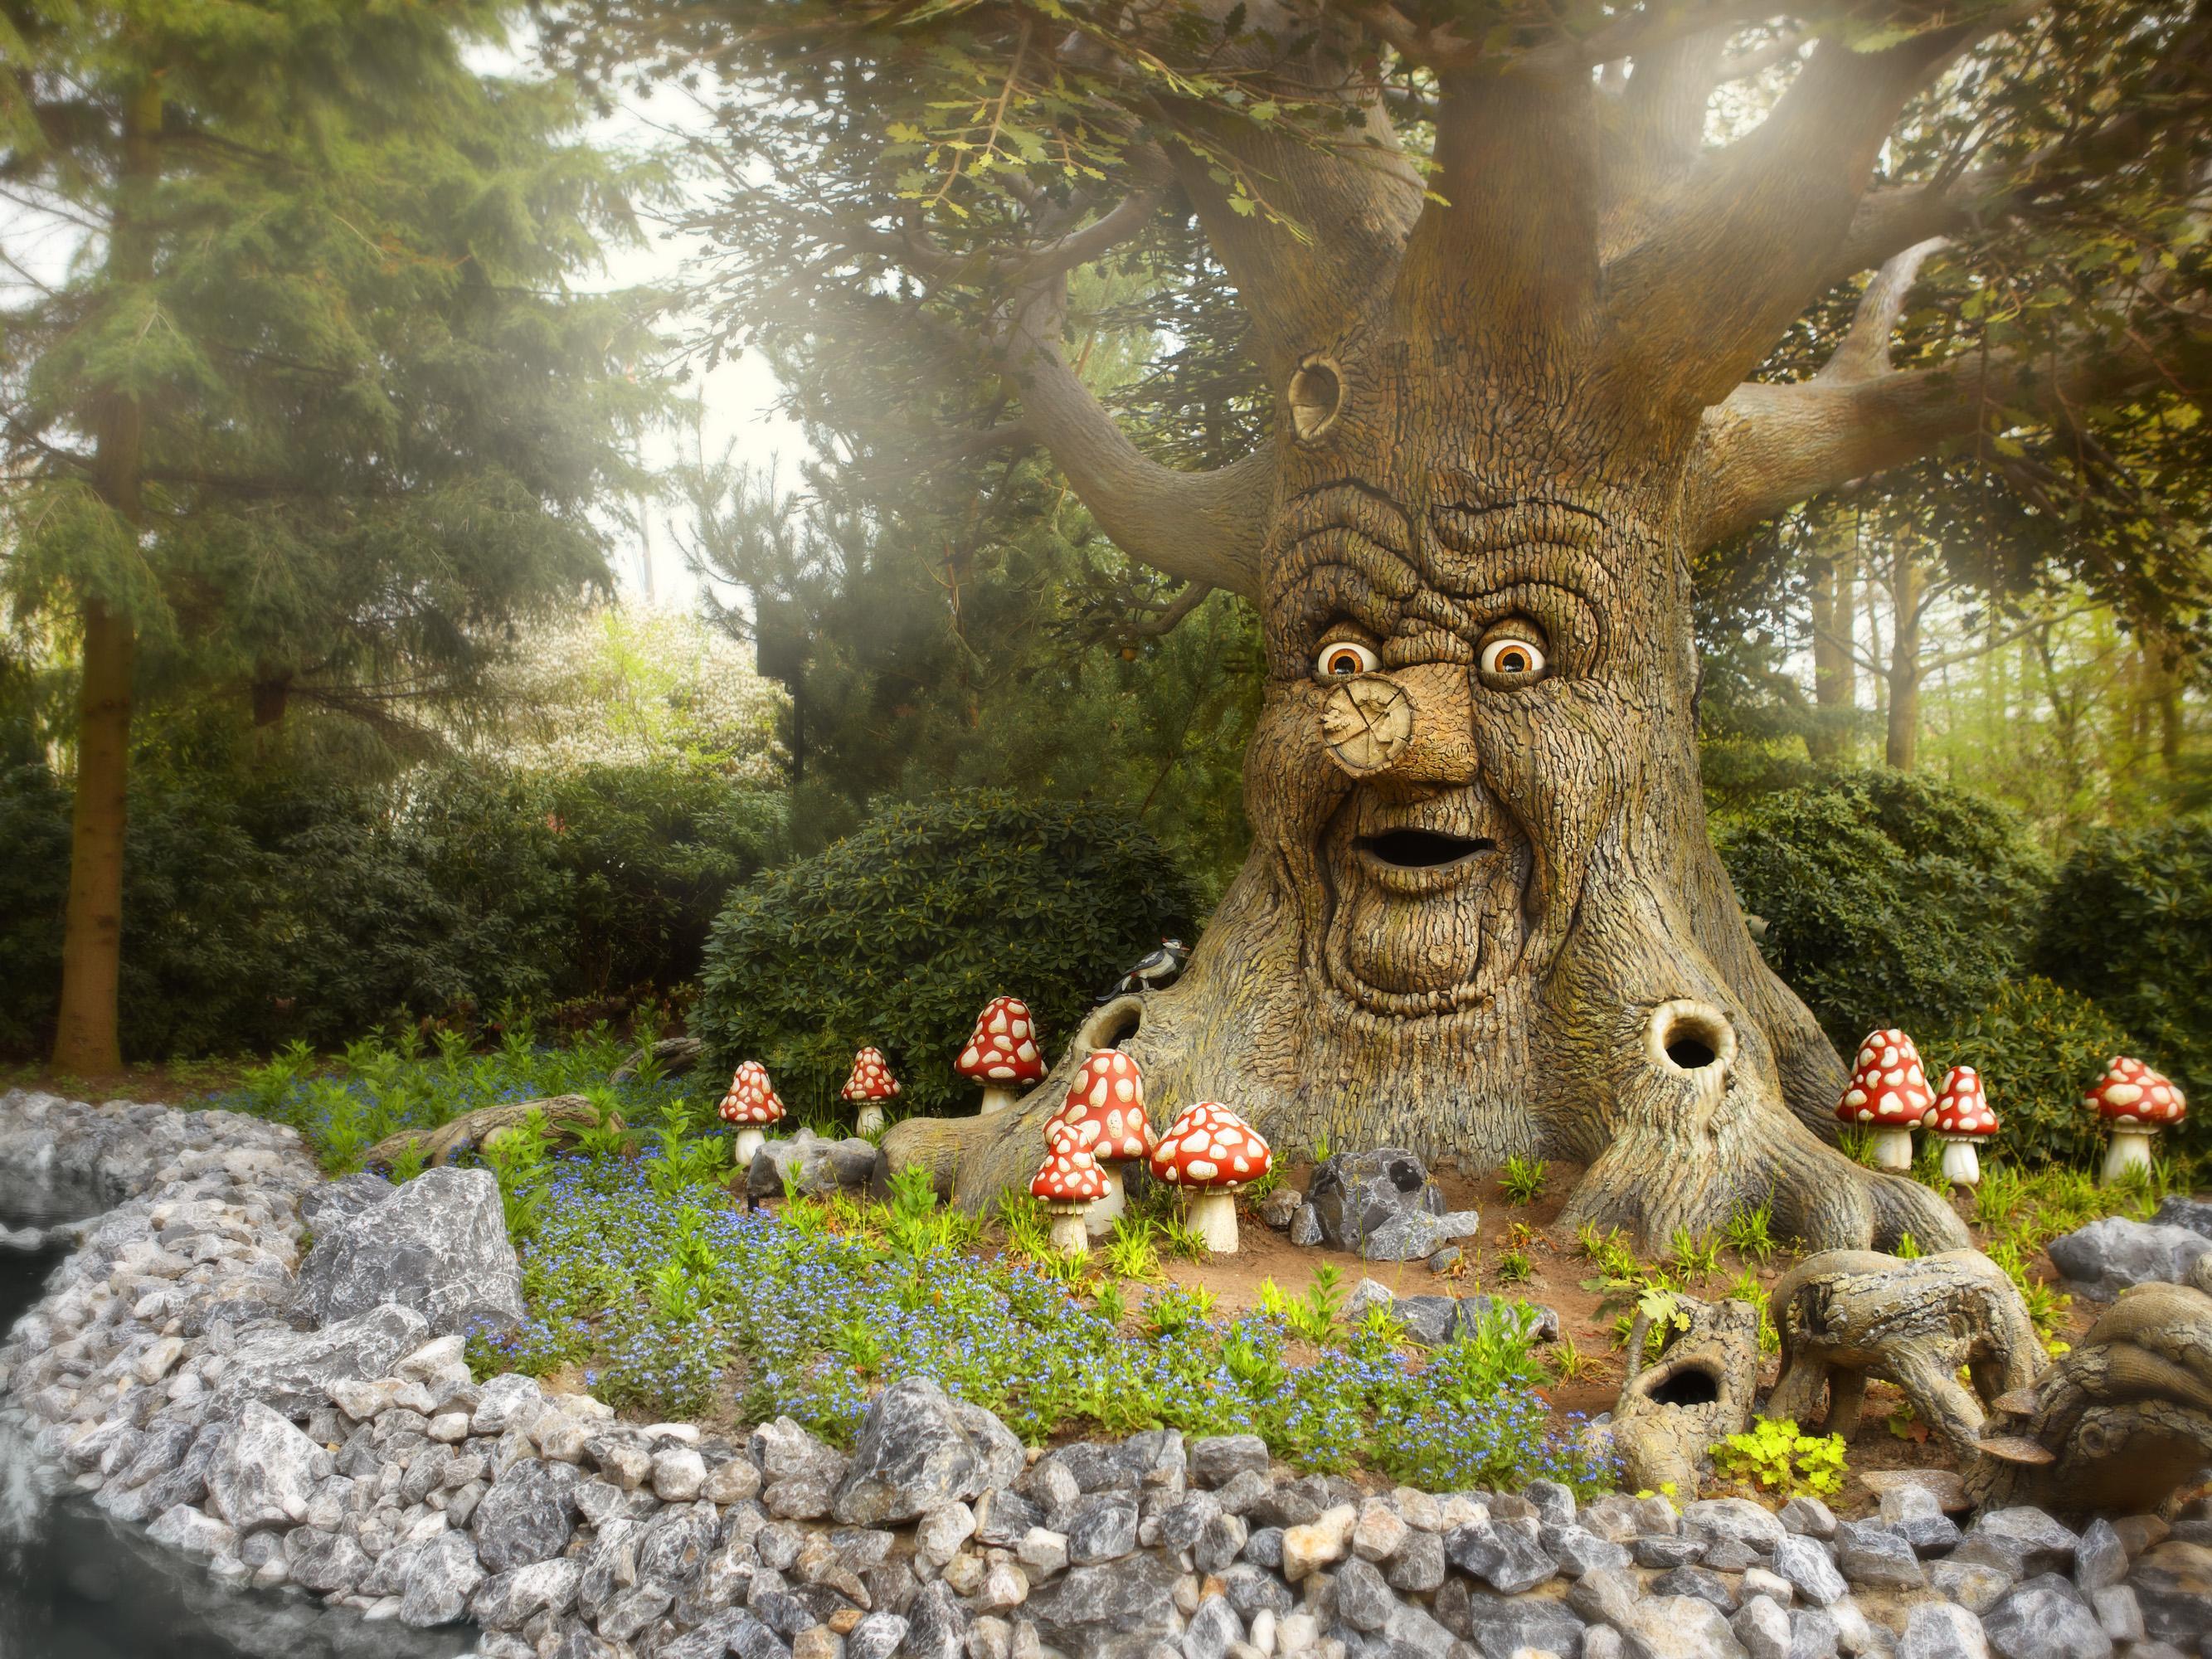 eftelingsprookjesboomliggend